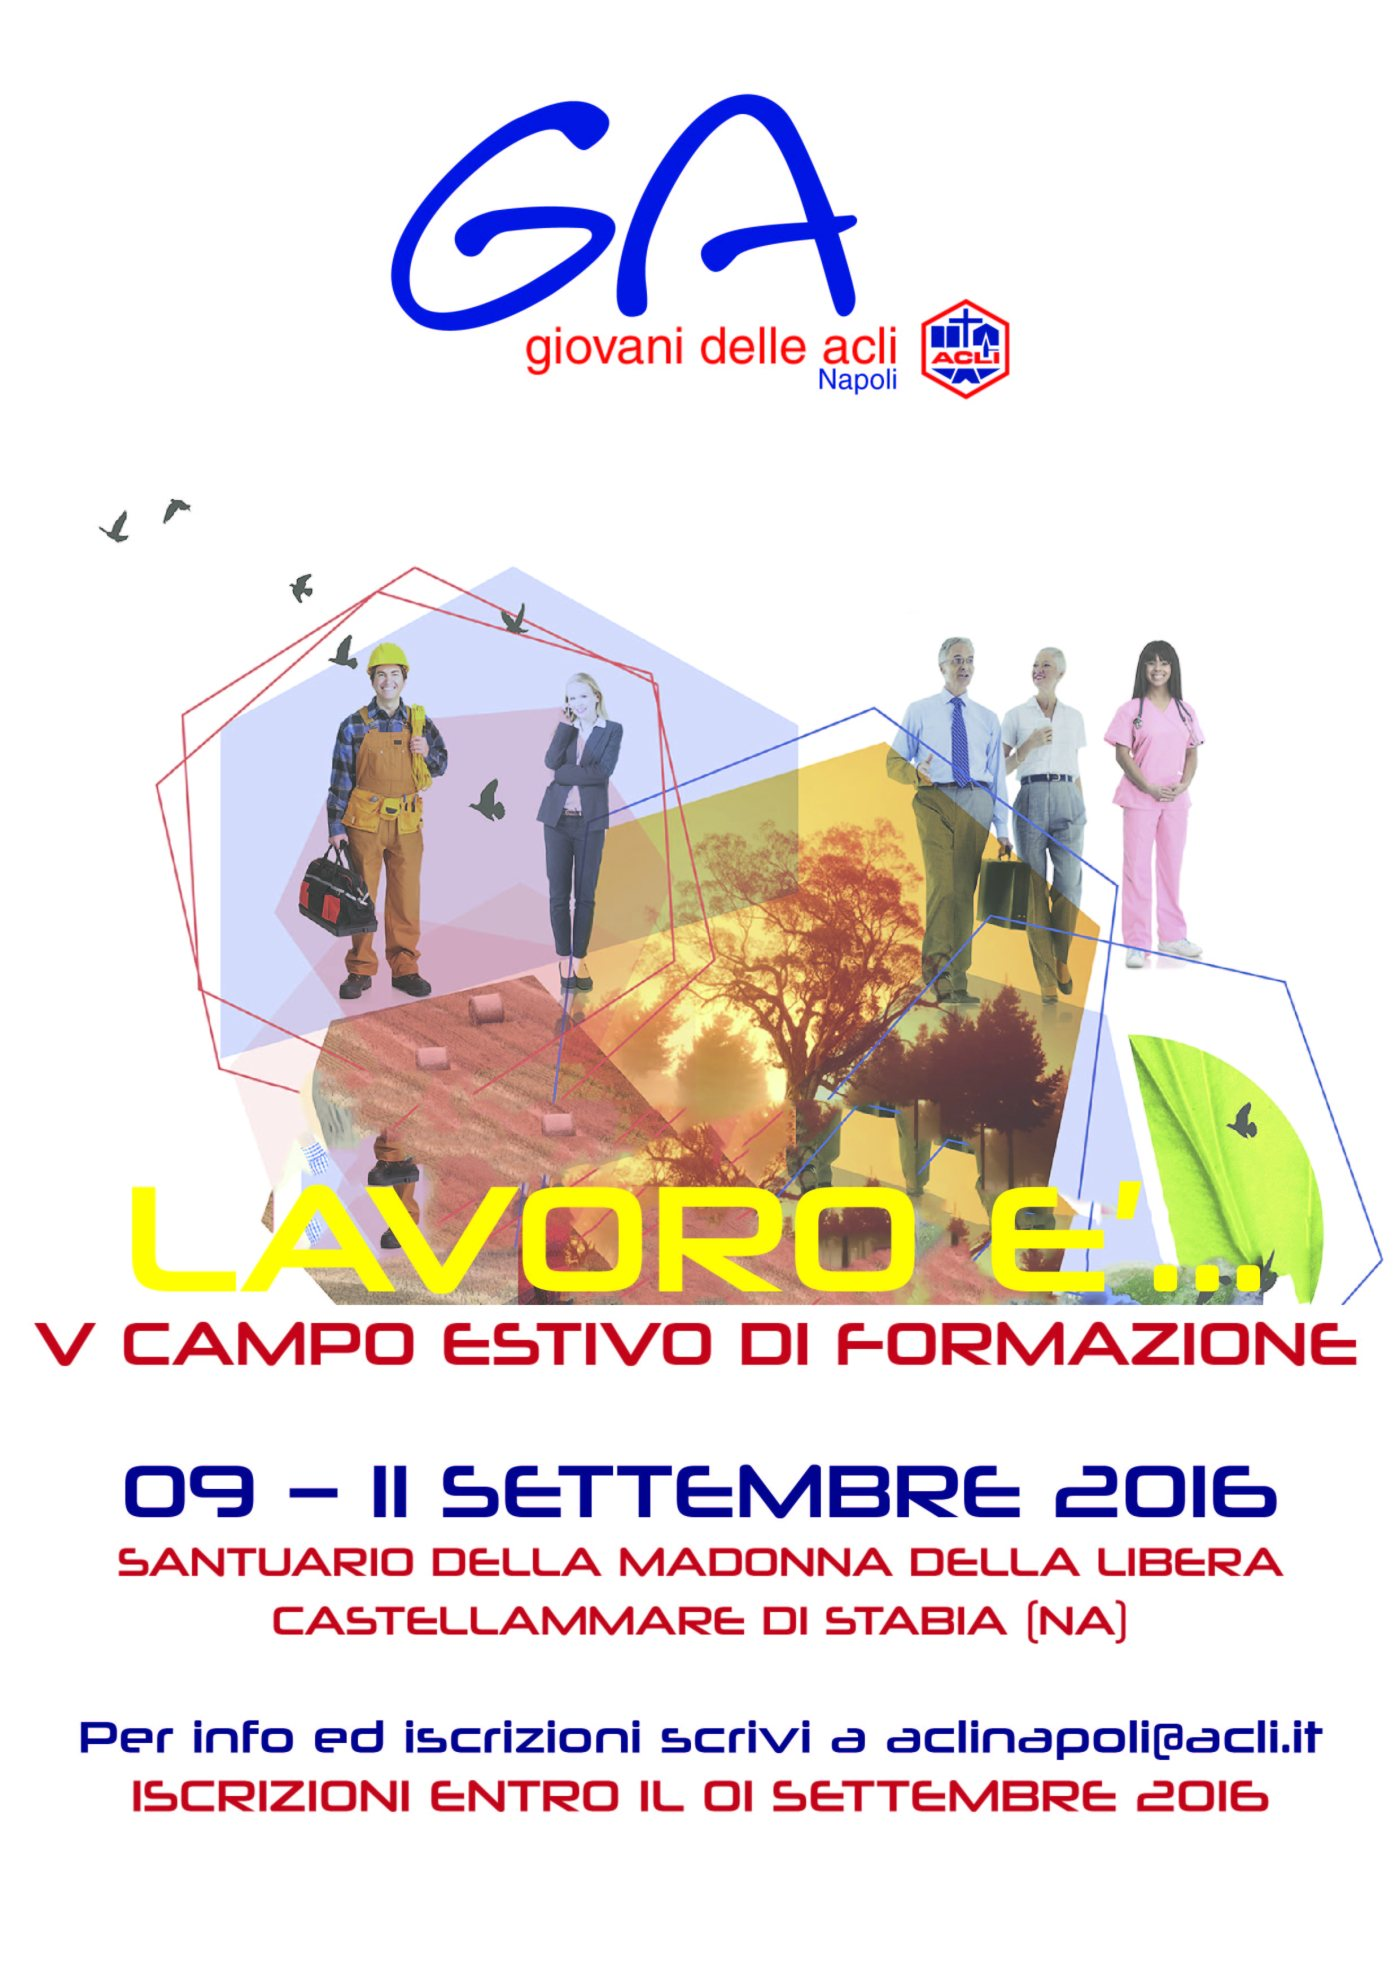 campo_formazione_locandina-01-01-01